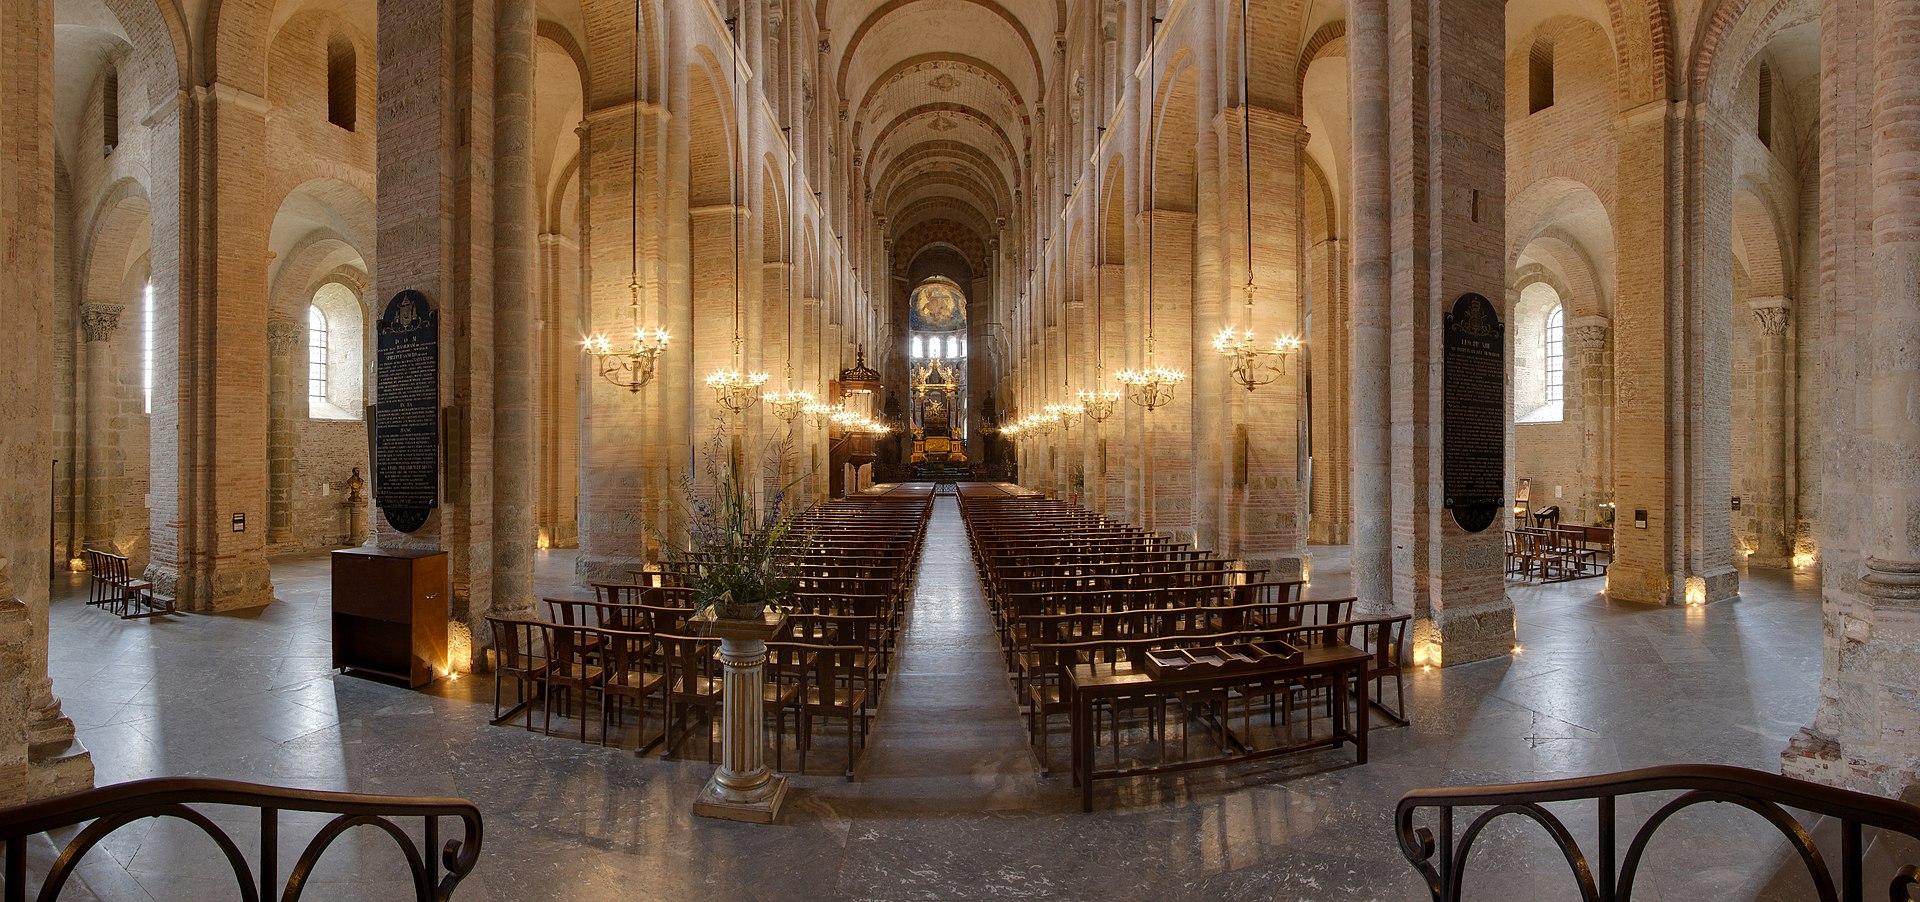 La nef romane de la basilique Saint-Sernin, à Toulouse.  (définition réelle 4270×2006)